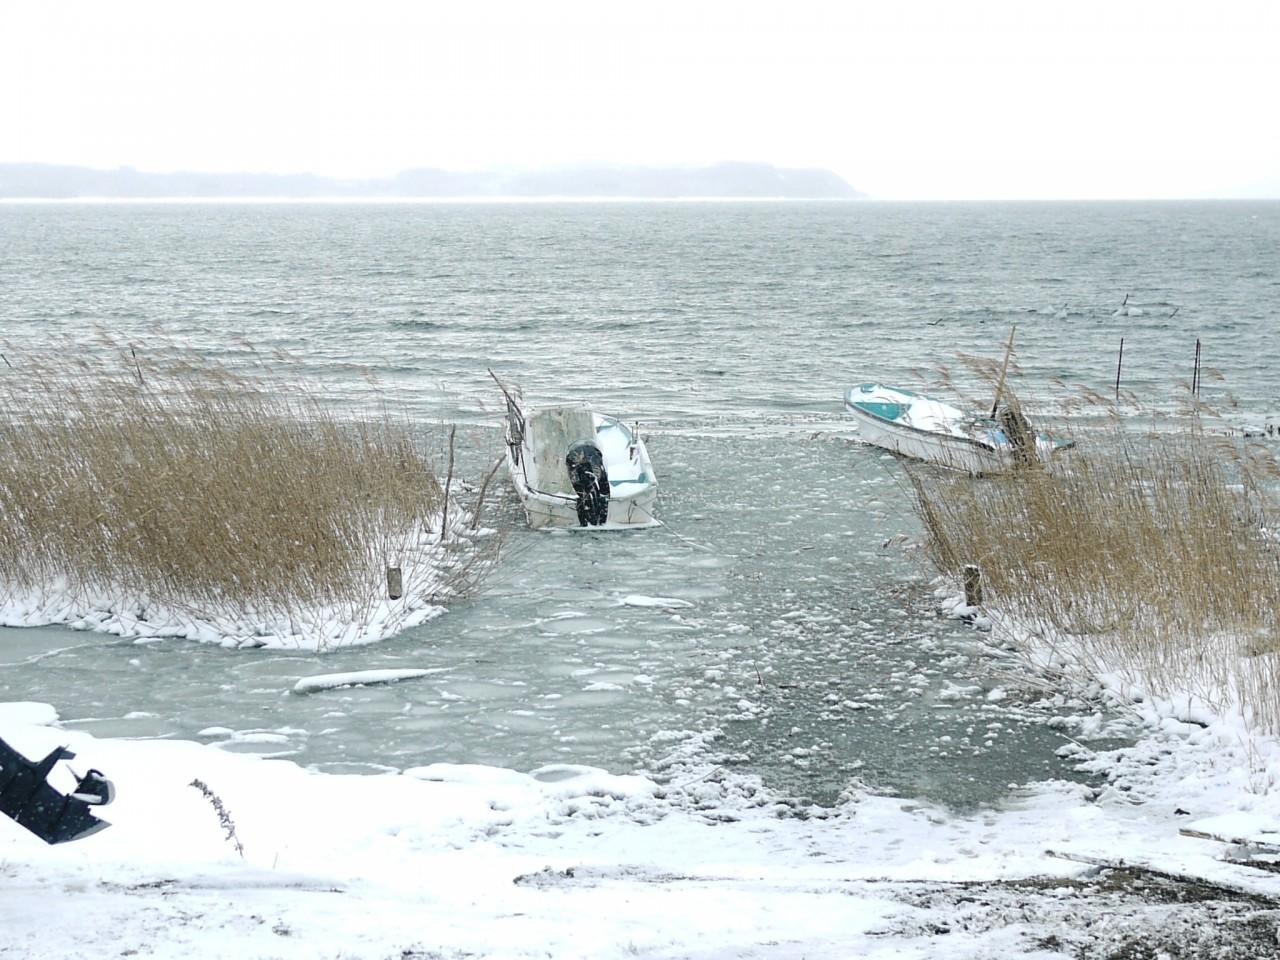 雪の小川原湖 in三沢市